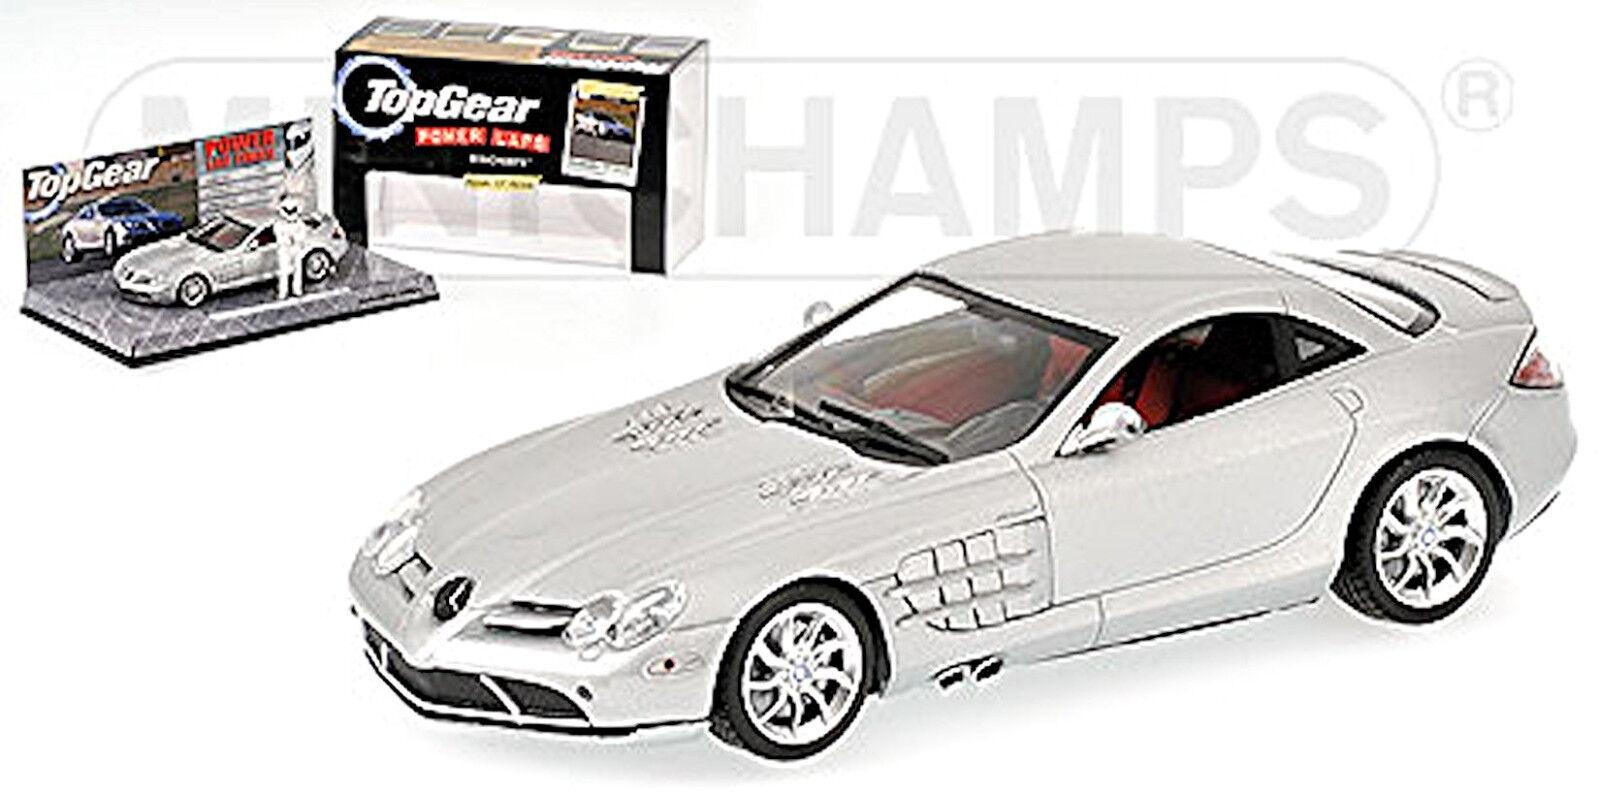 Mercedes Benz SLR McLaren 2004-09 argent métallique TopGear 1 43 Minichamps